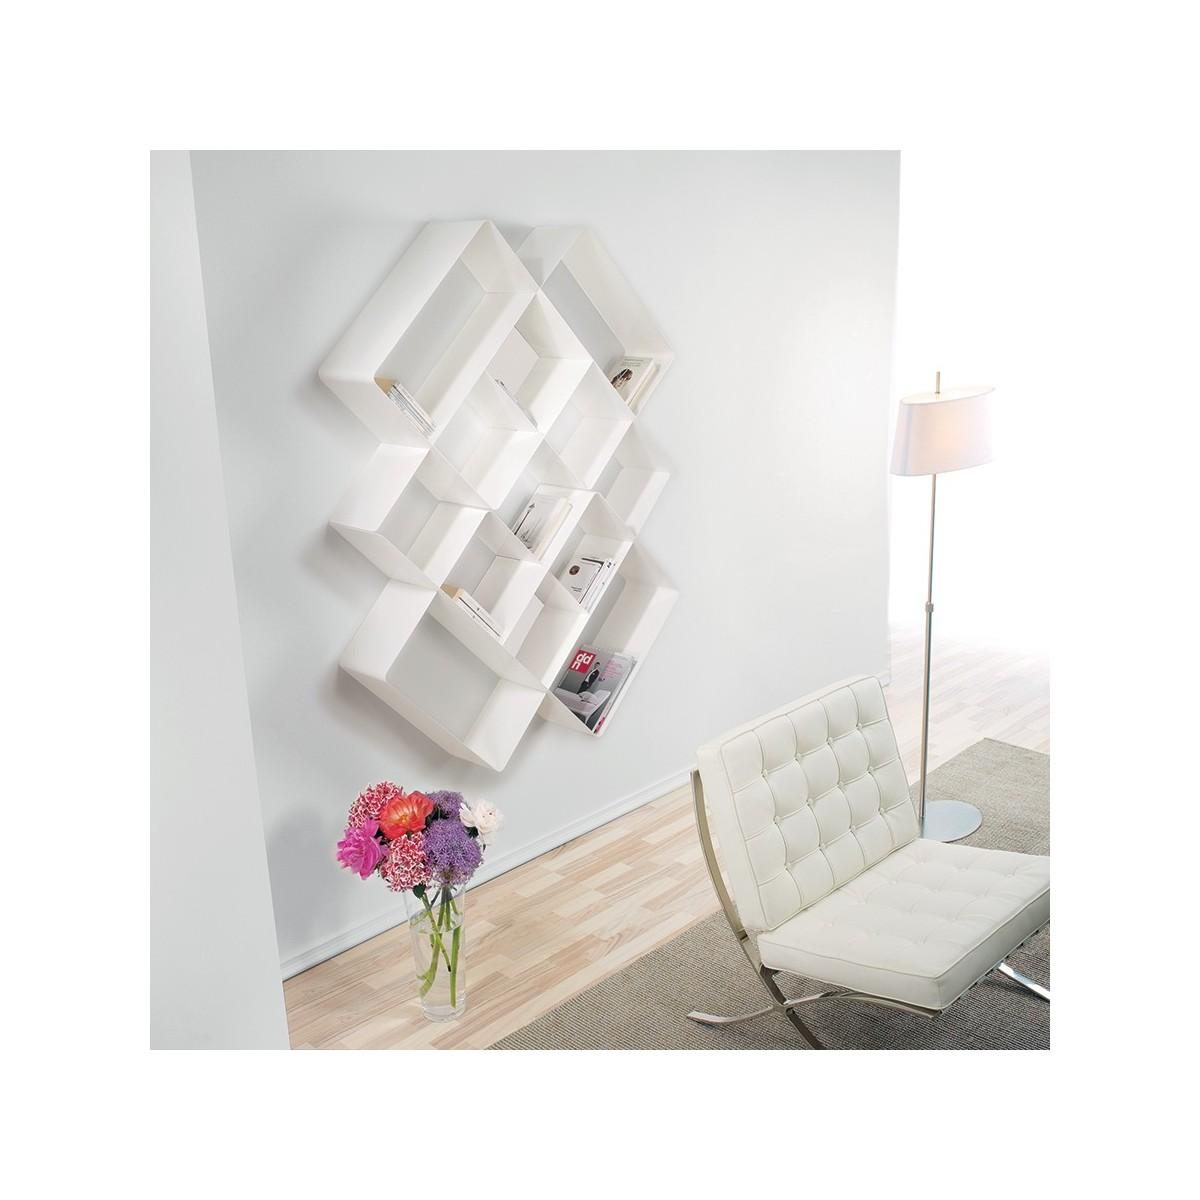 Libreria design mondrian 3 in acciaio bianco sabbiato for Lampade da parete design economiche